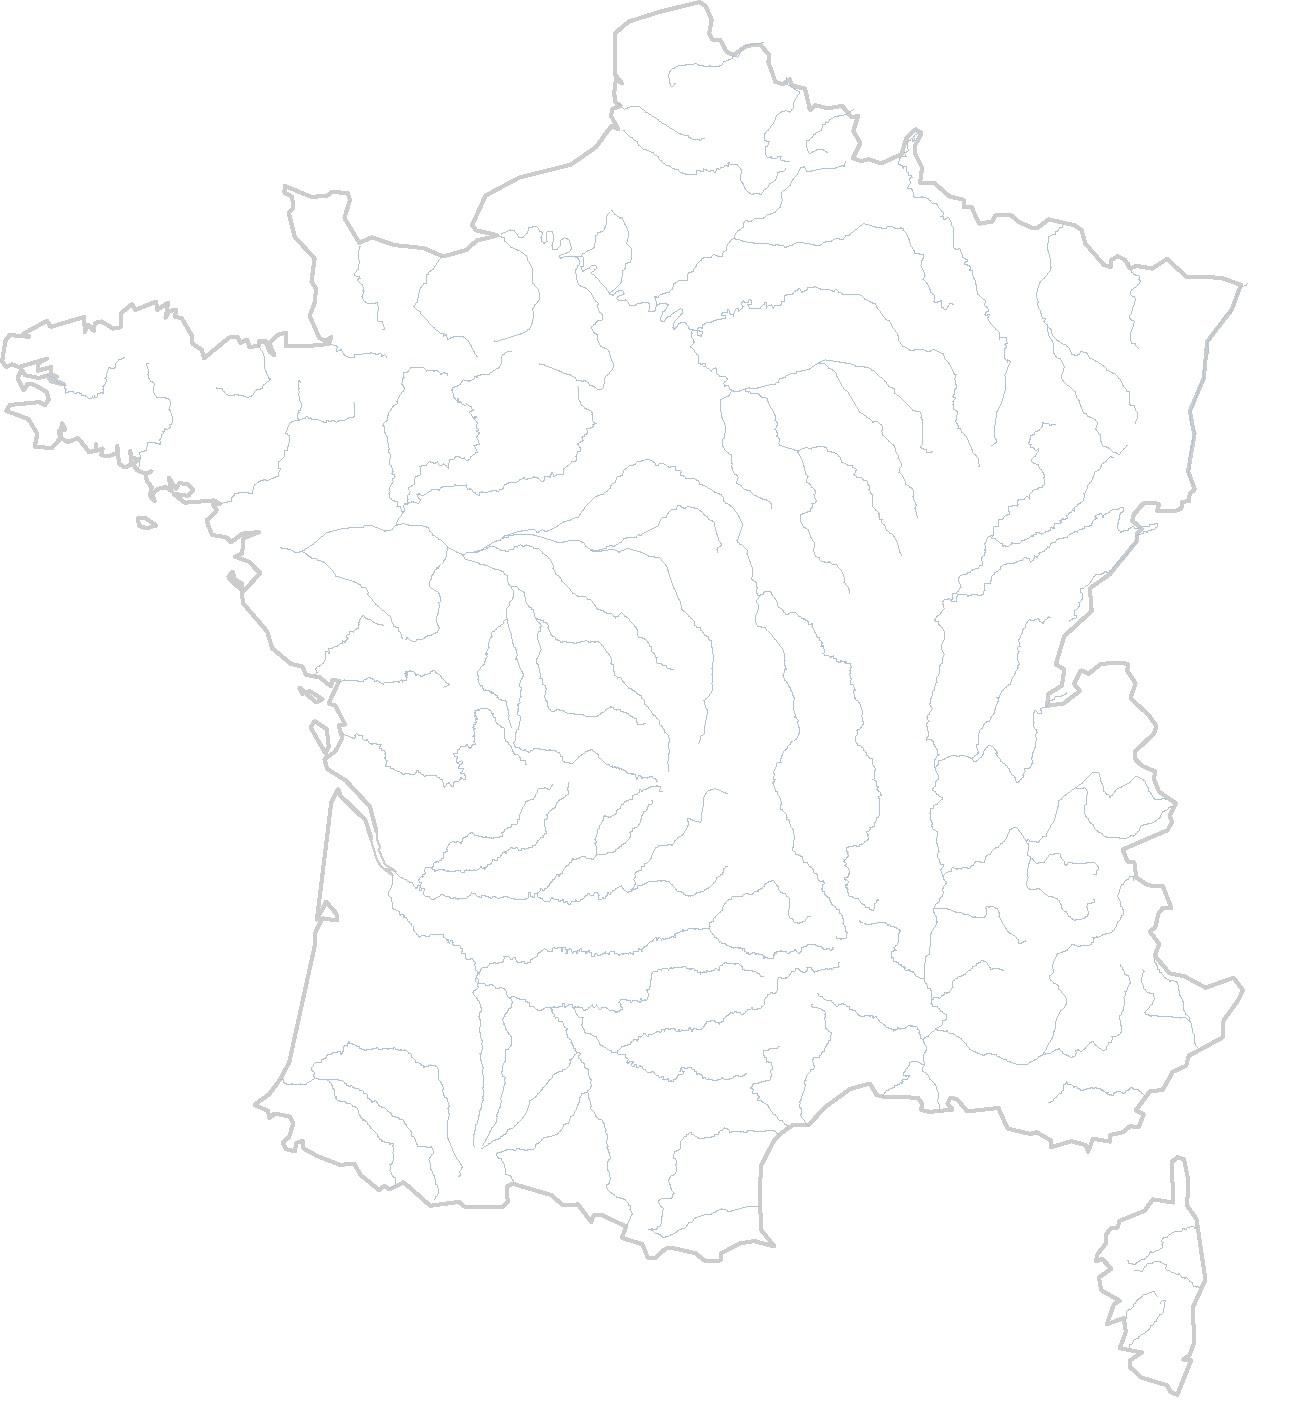 Cartes Vierges De La France À Imprimer - Chroniques destiné Carte Des Régions Vierge